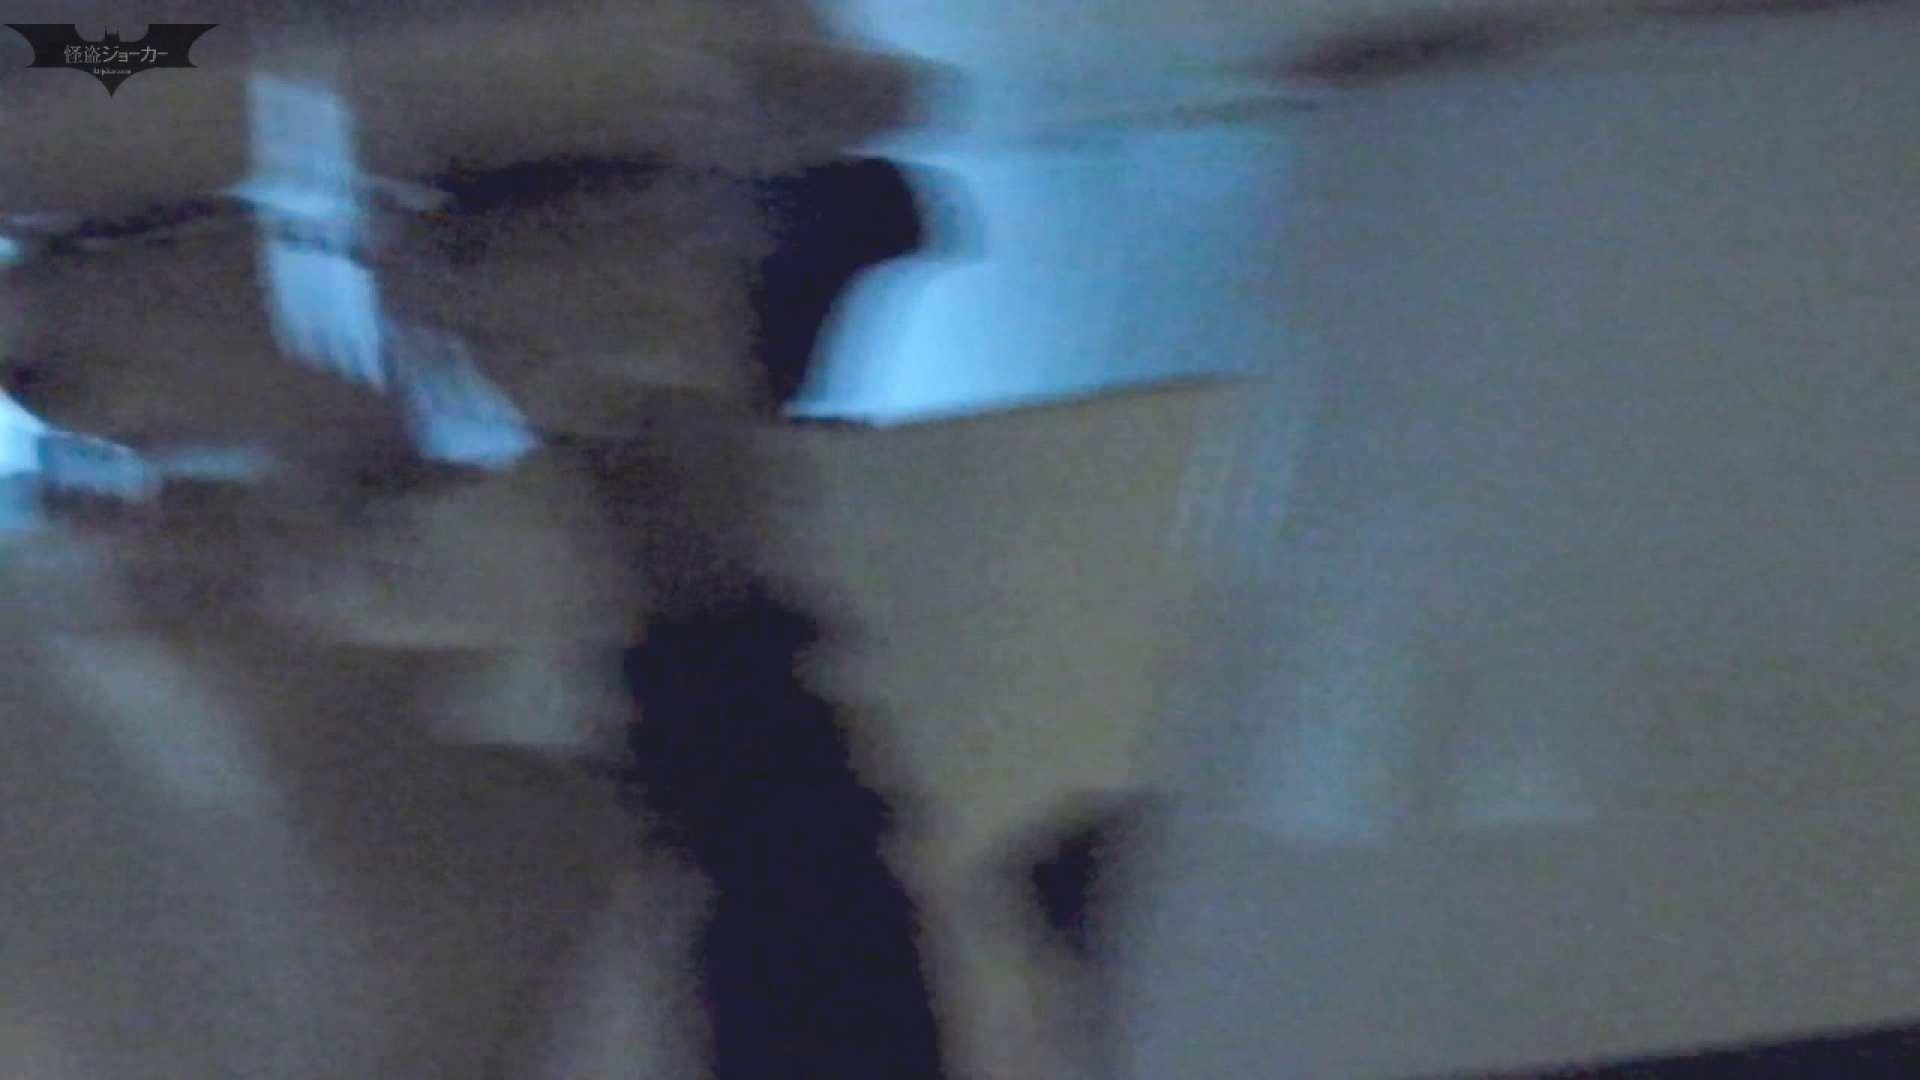 新世界の射窓 No61来ました!「ビジョビジョ」の美女達が・・・ 高画質 | お姉さんのSEX  104枚 9